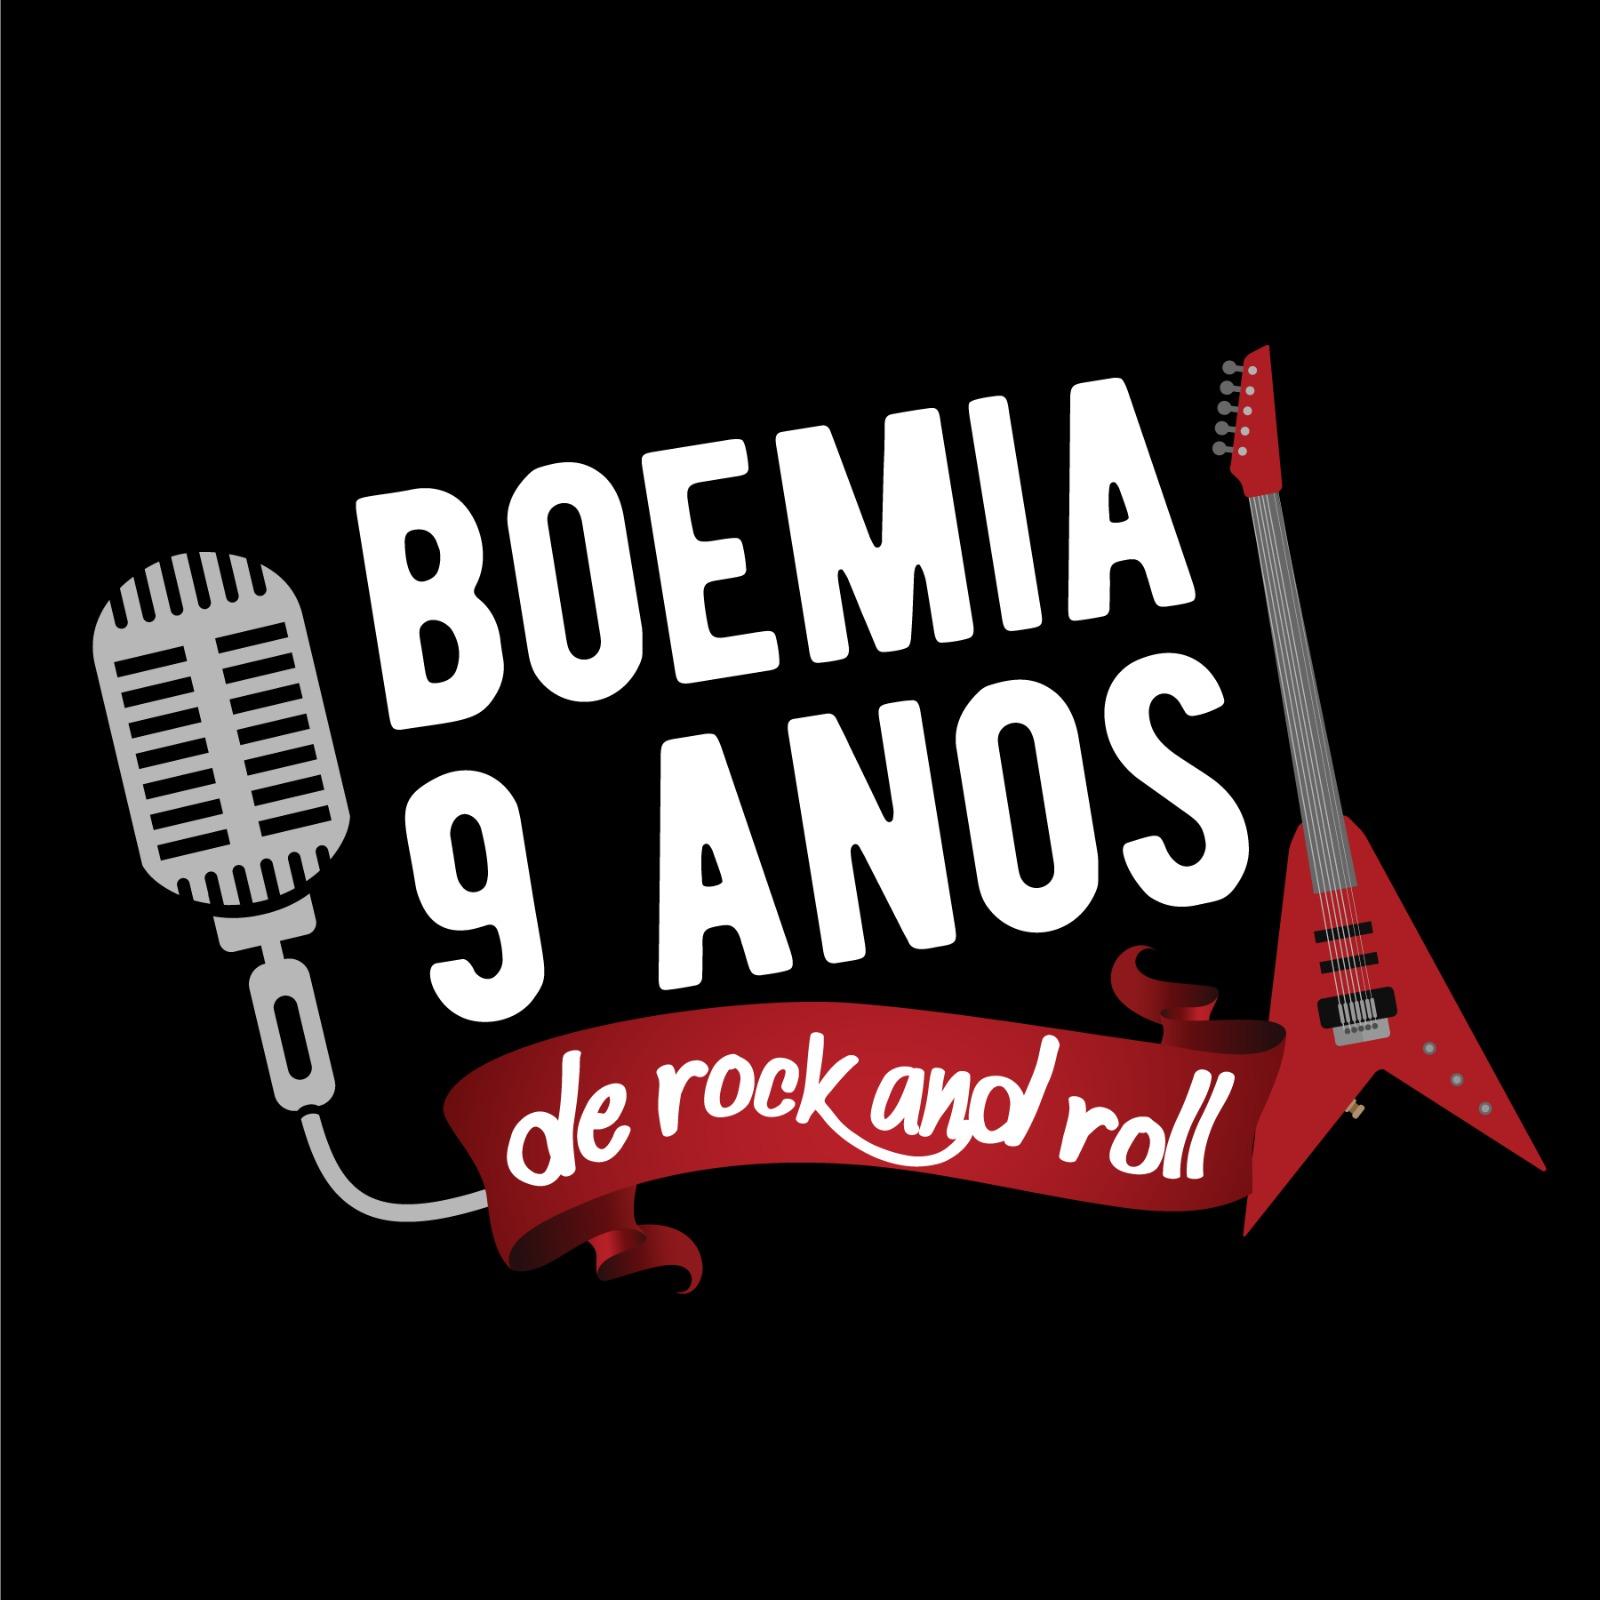 Logo_boemia_9_anos